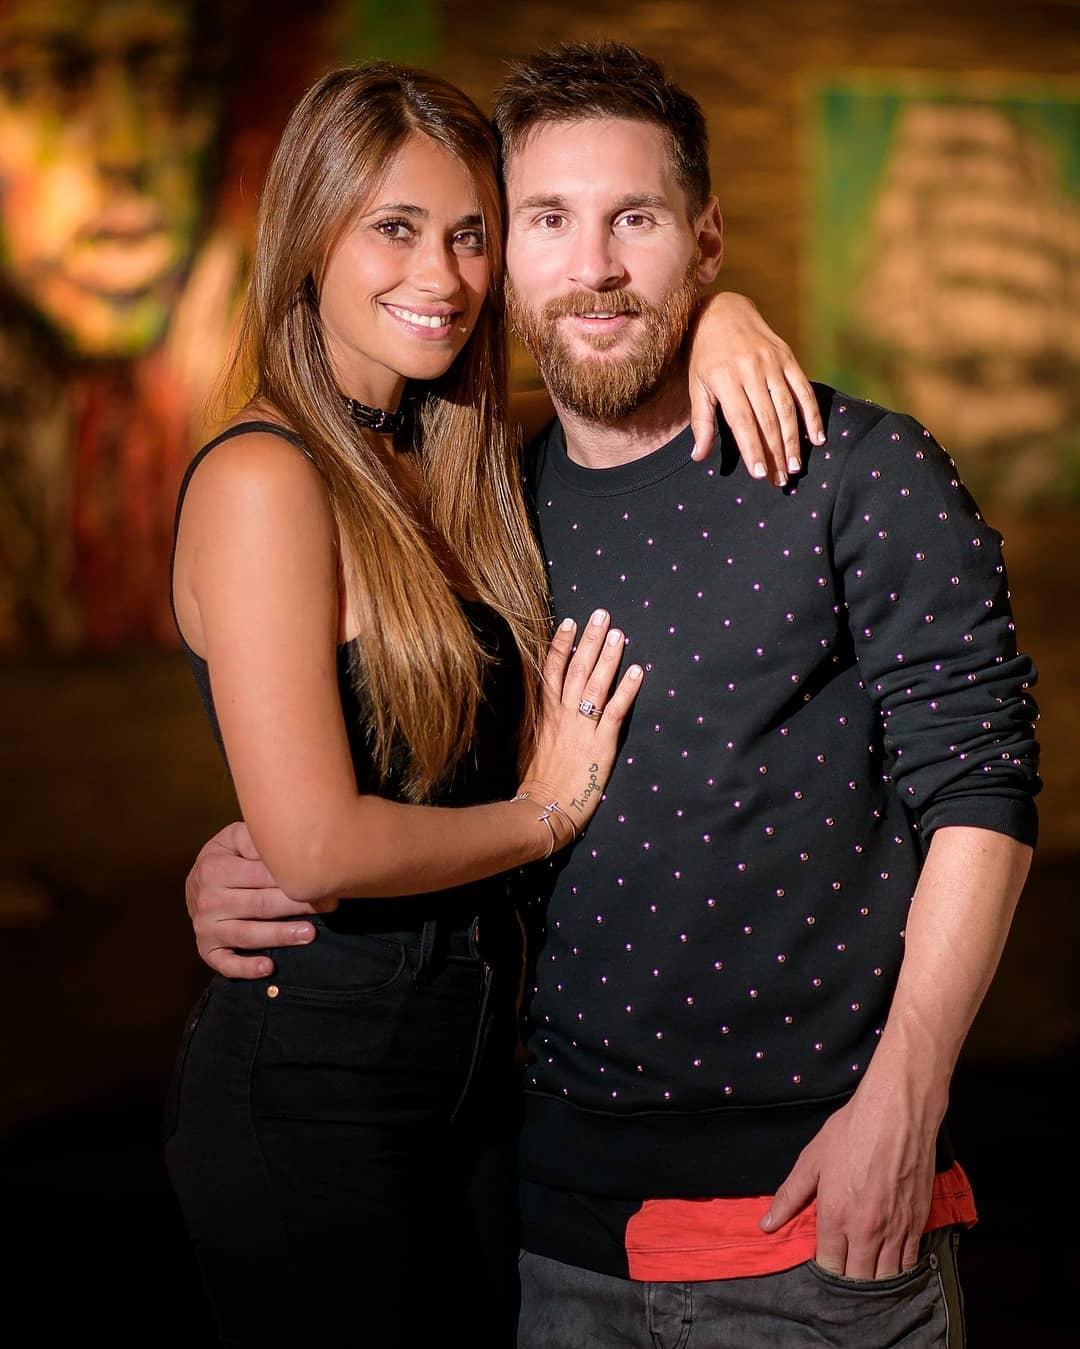 """بالصور: ميسي يهنئ زوجته """"أنتونيلا"""" بعيد ميلادها على طريقته الخاصة"""